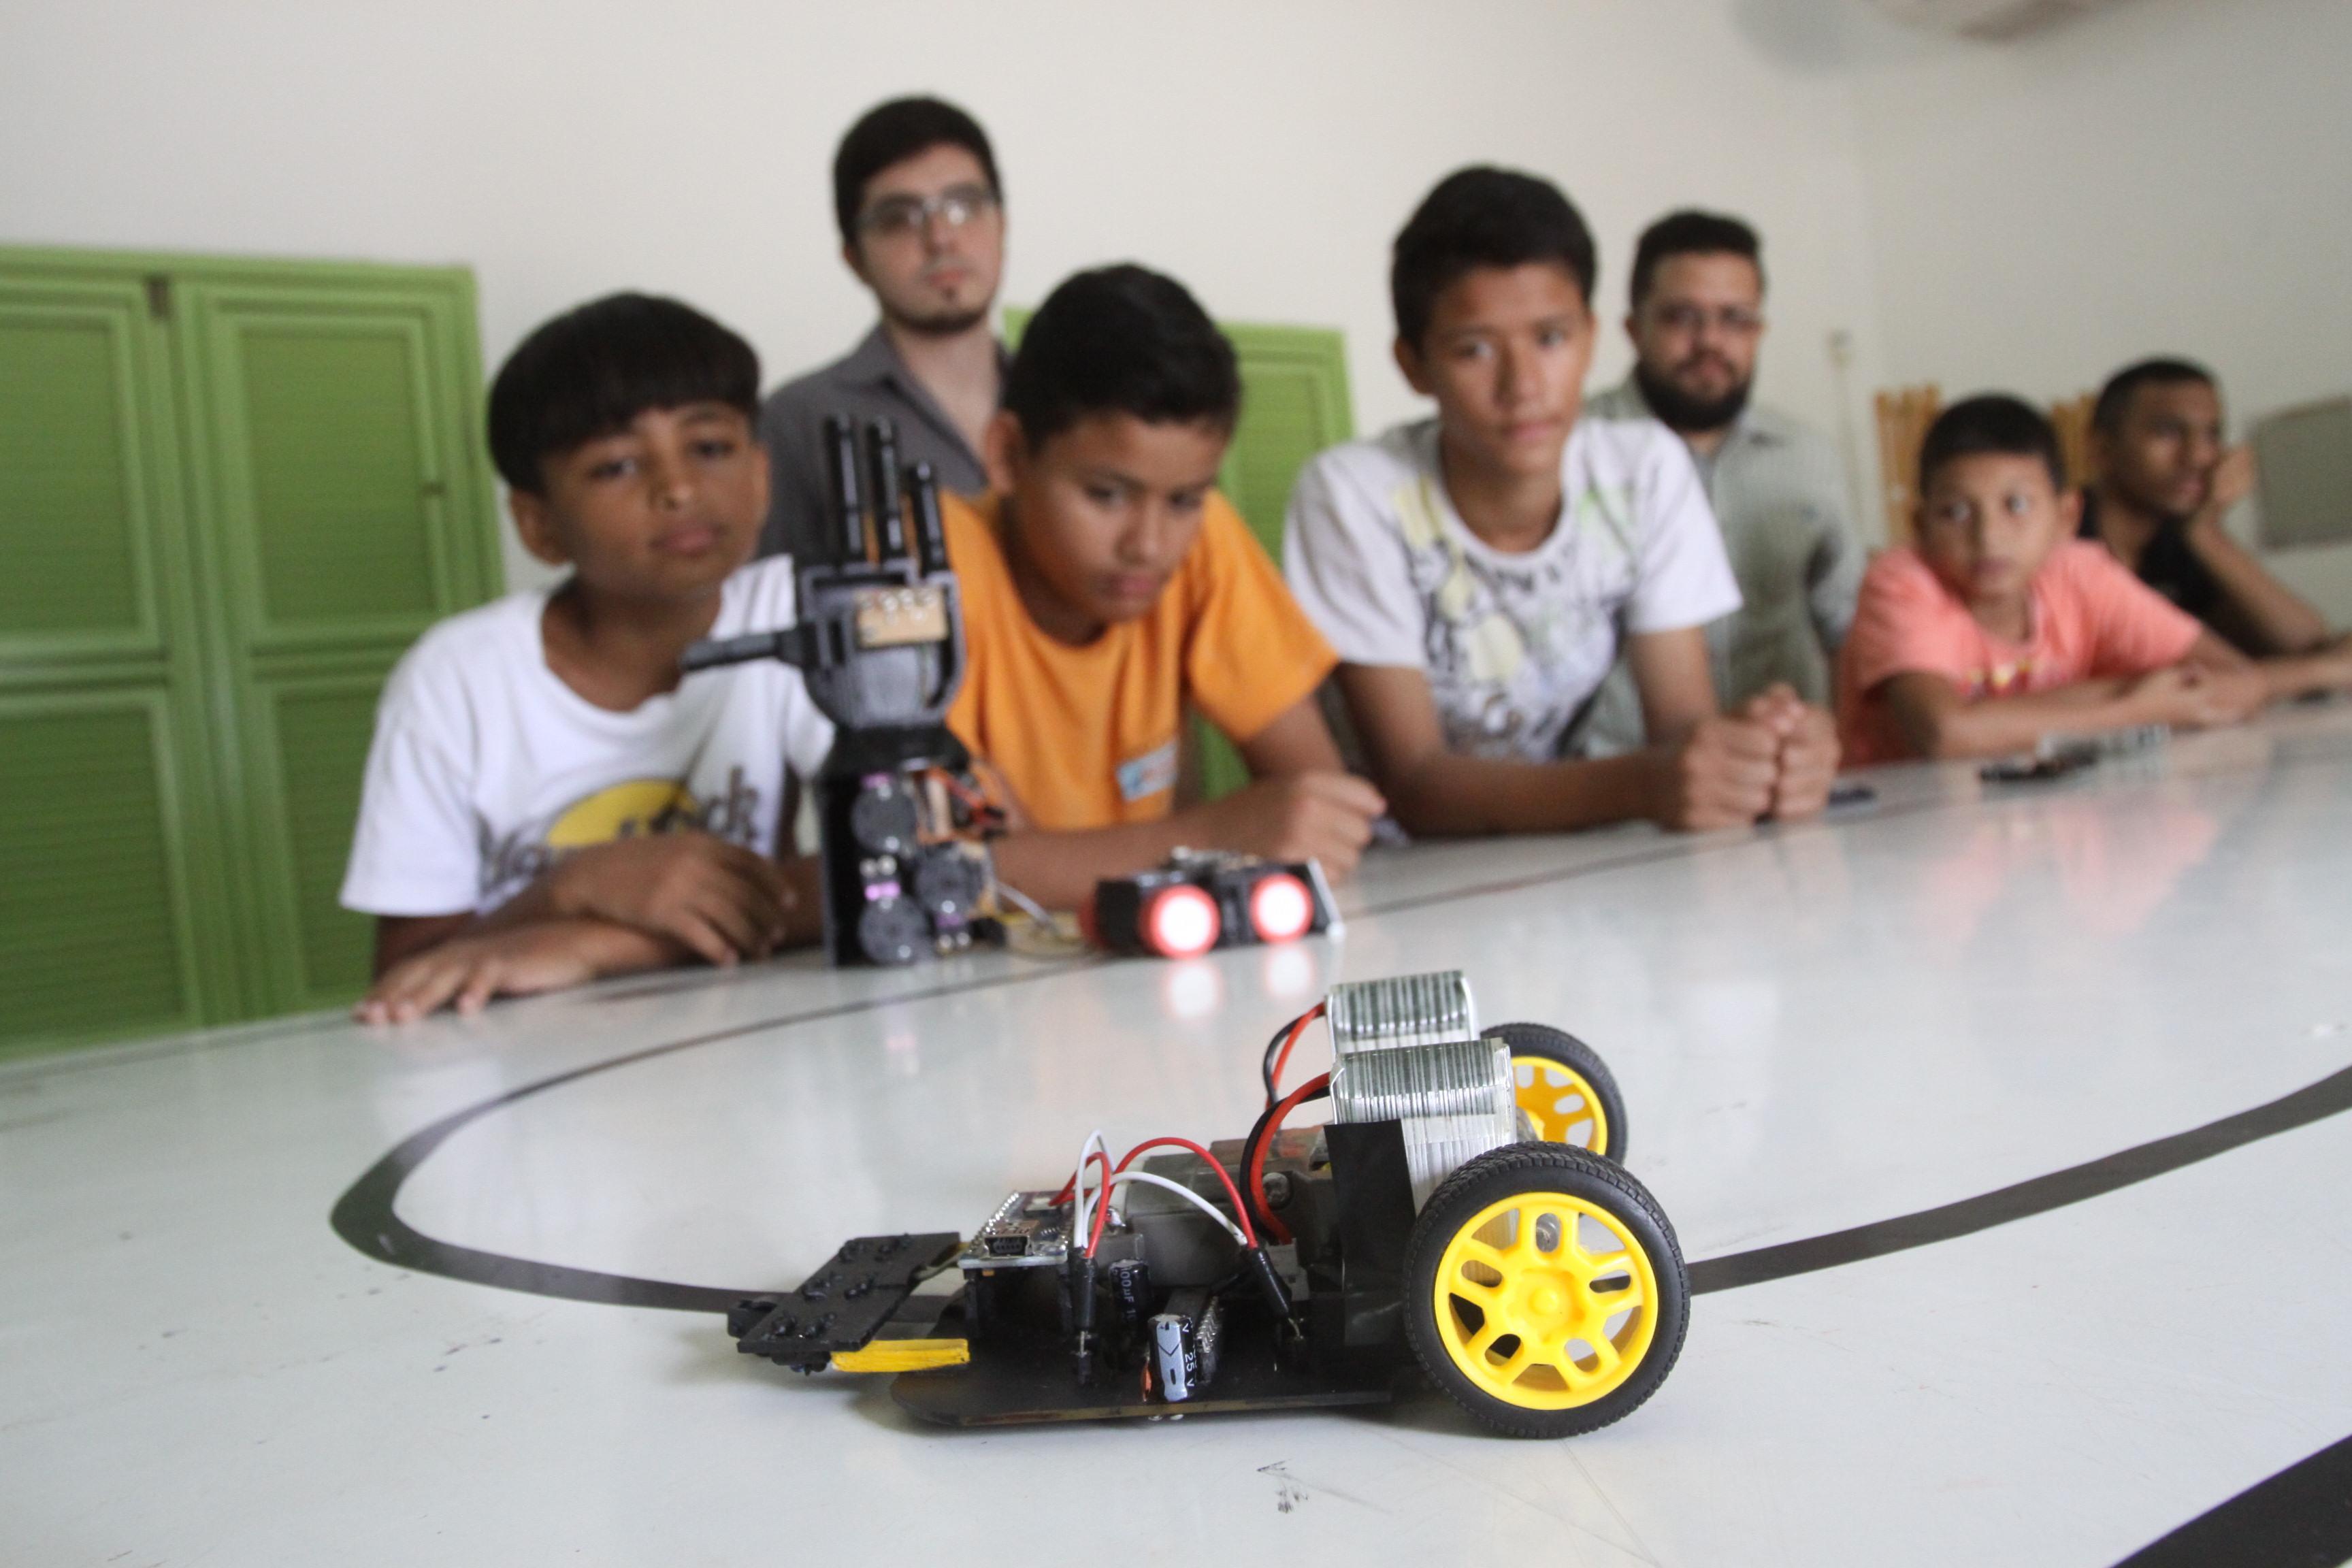 Seis crianças em volta de uma mesa, com um carrinho de brinquedo em cima, passando por um autopista